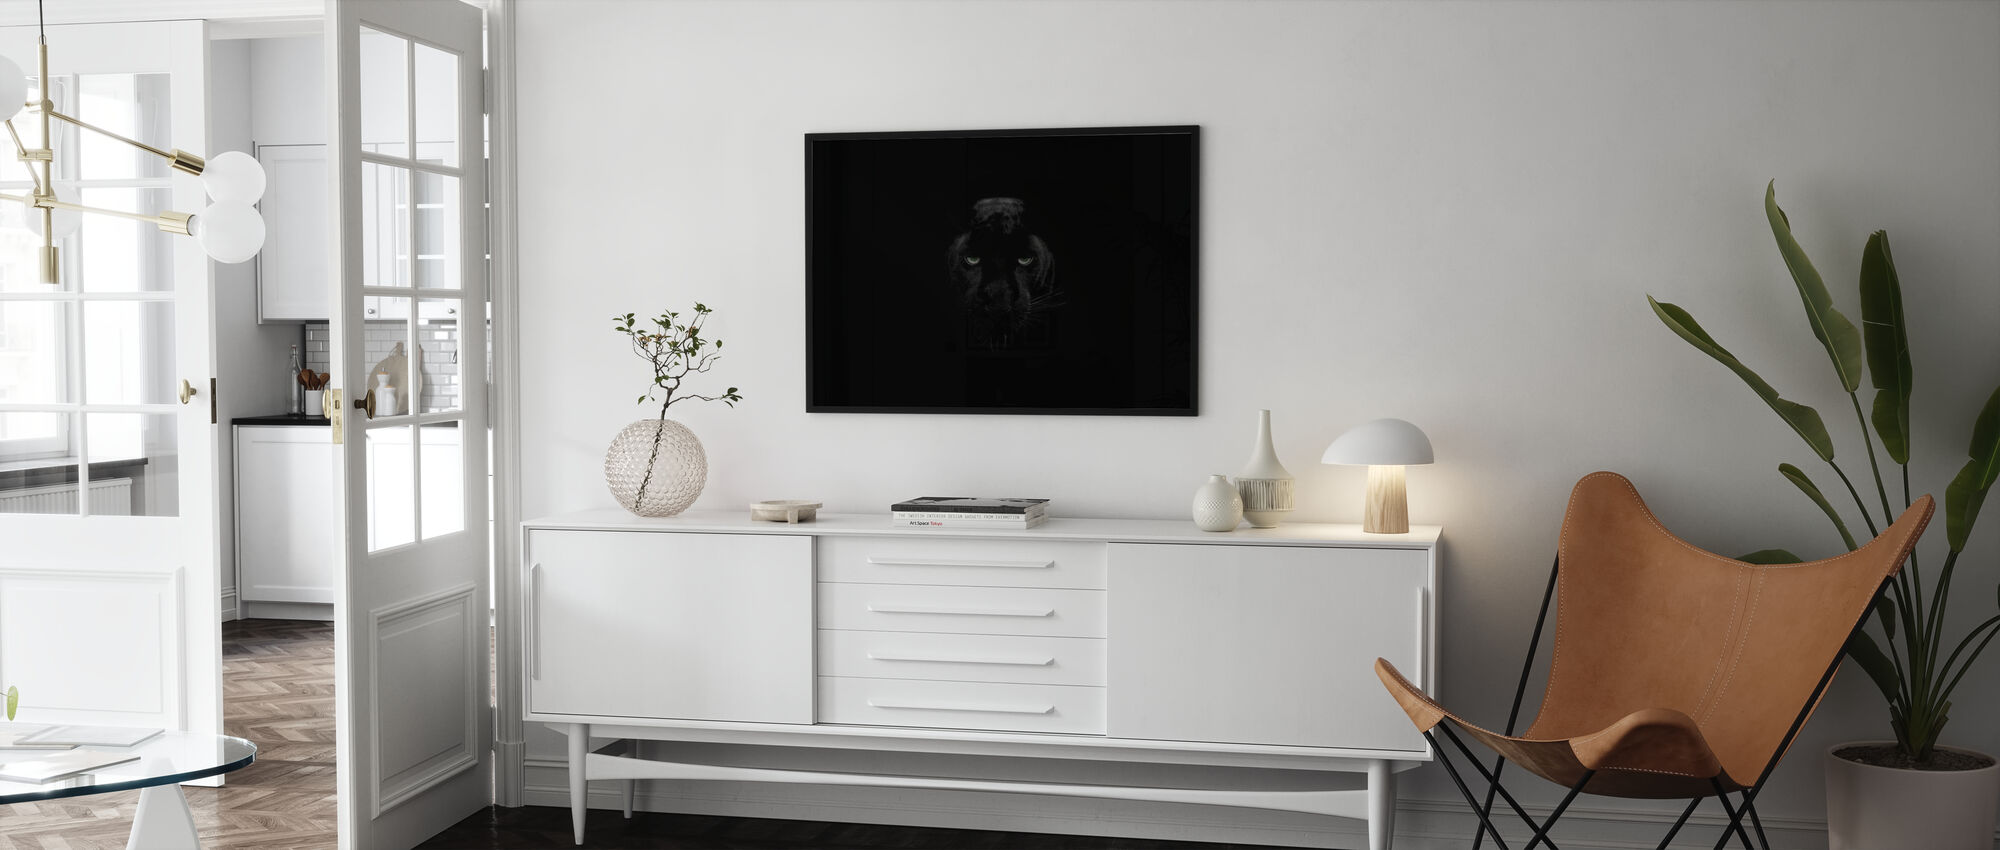 Panther Monochrom - Poster - Wohnzimmer